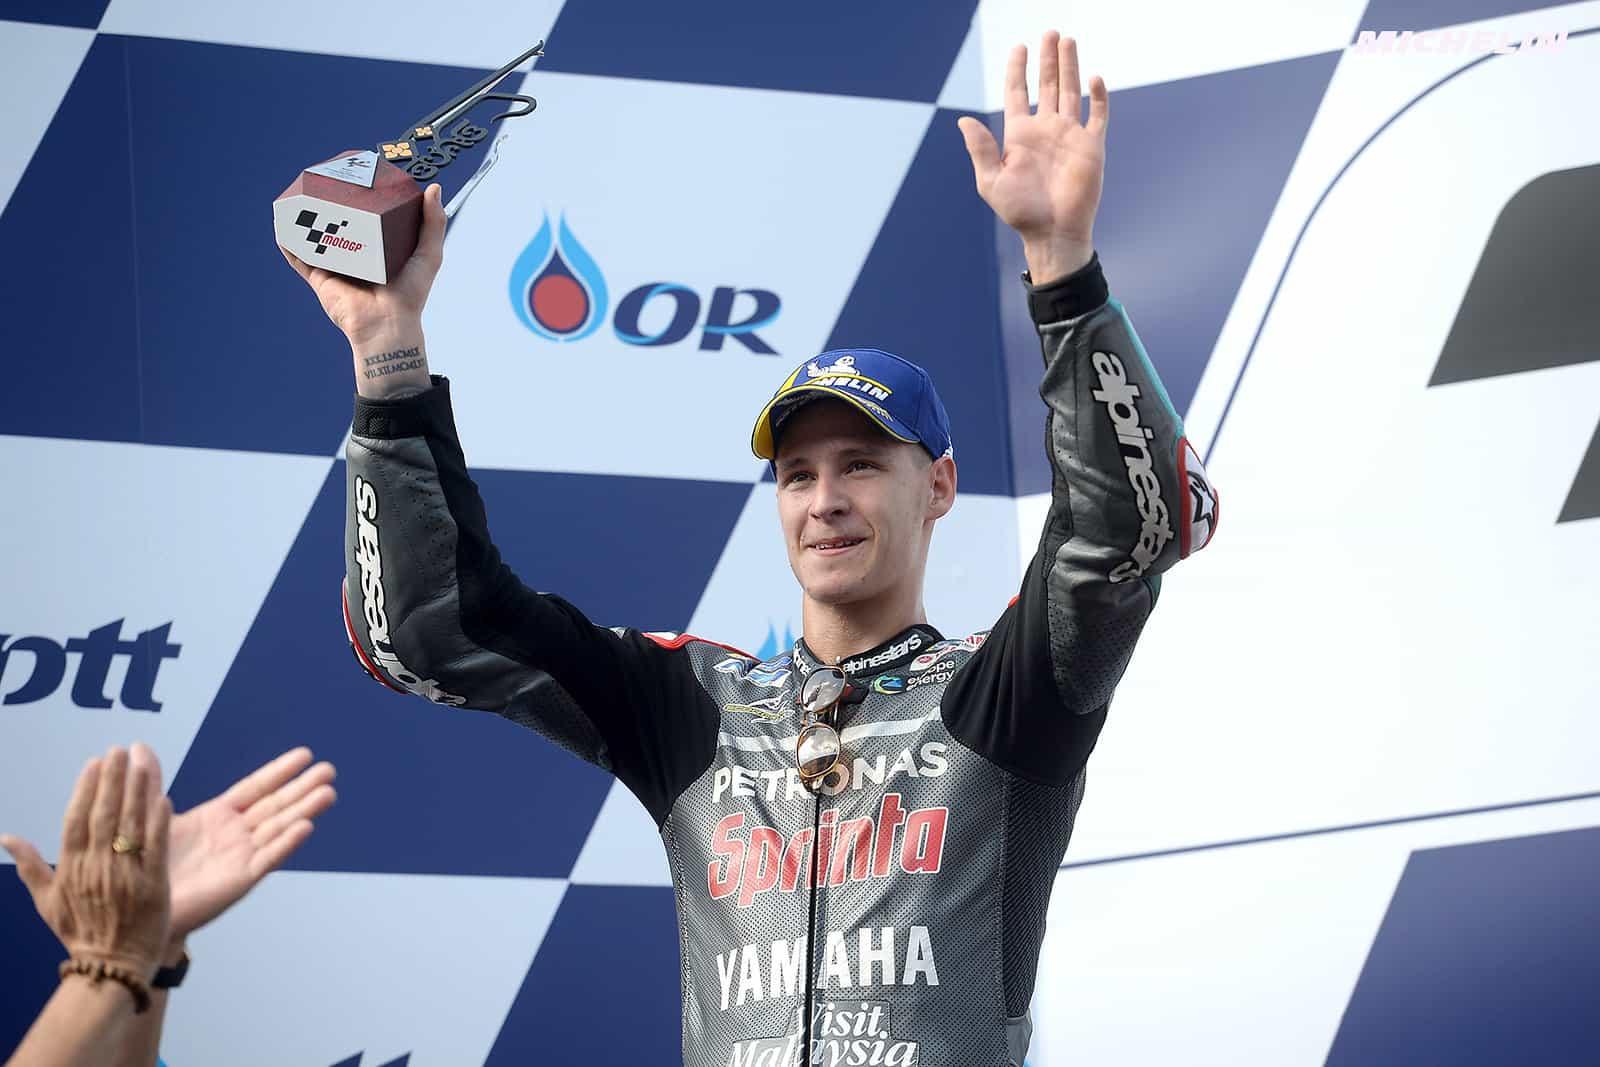 MotoGP2019タイGP 2位ファビオ・クアルタラロ「最後アタックしなければ日本まで寝れなかっただろう」